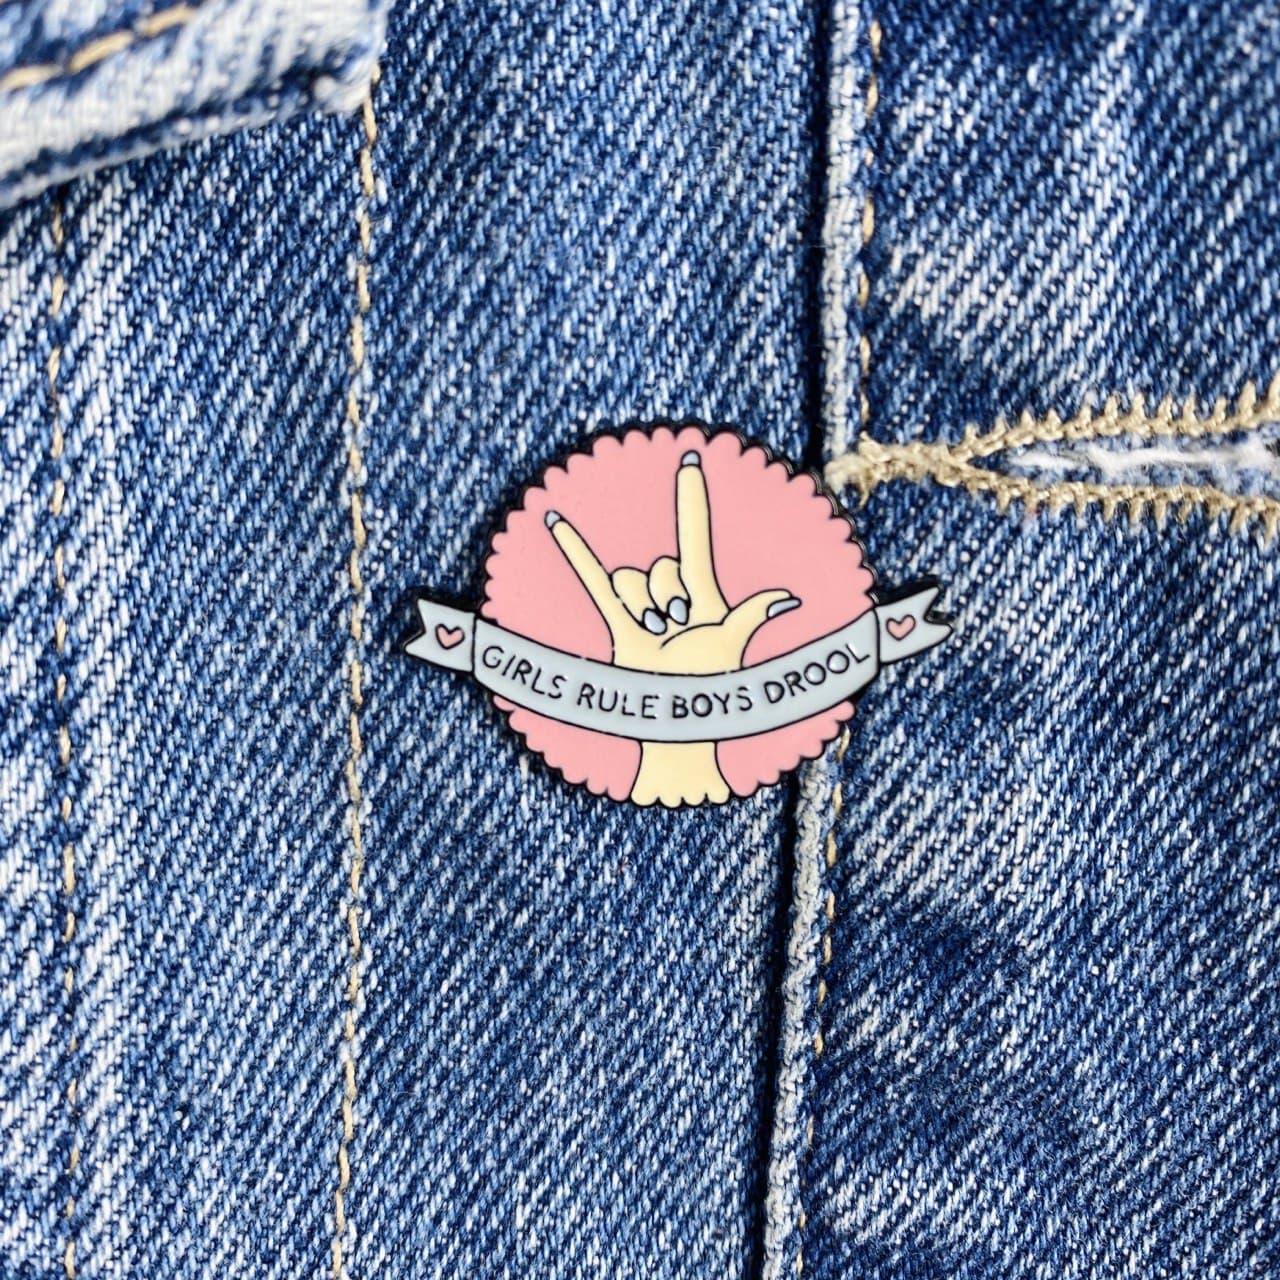 Металевий значок на рюкзак або одяг COOL